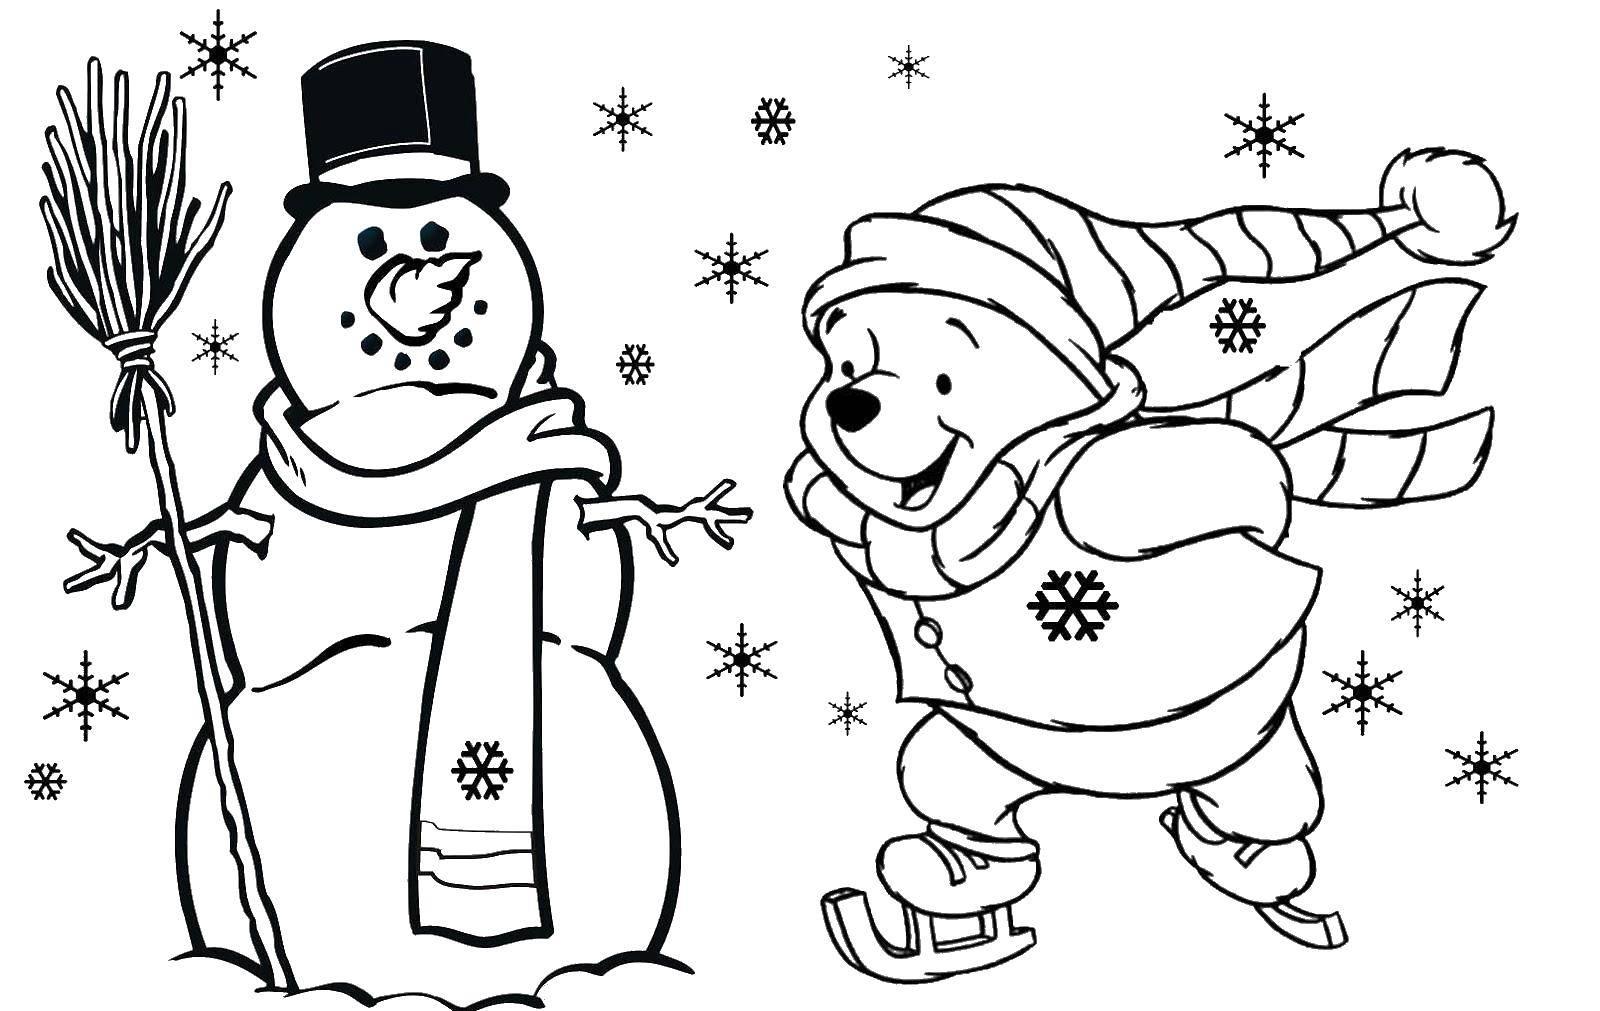 Раскраска Винни пух и снеговик. Скачать снеговик, метла, винни пух.  Распечатать ,Рождество,